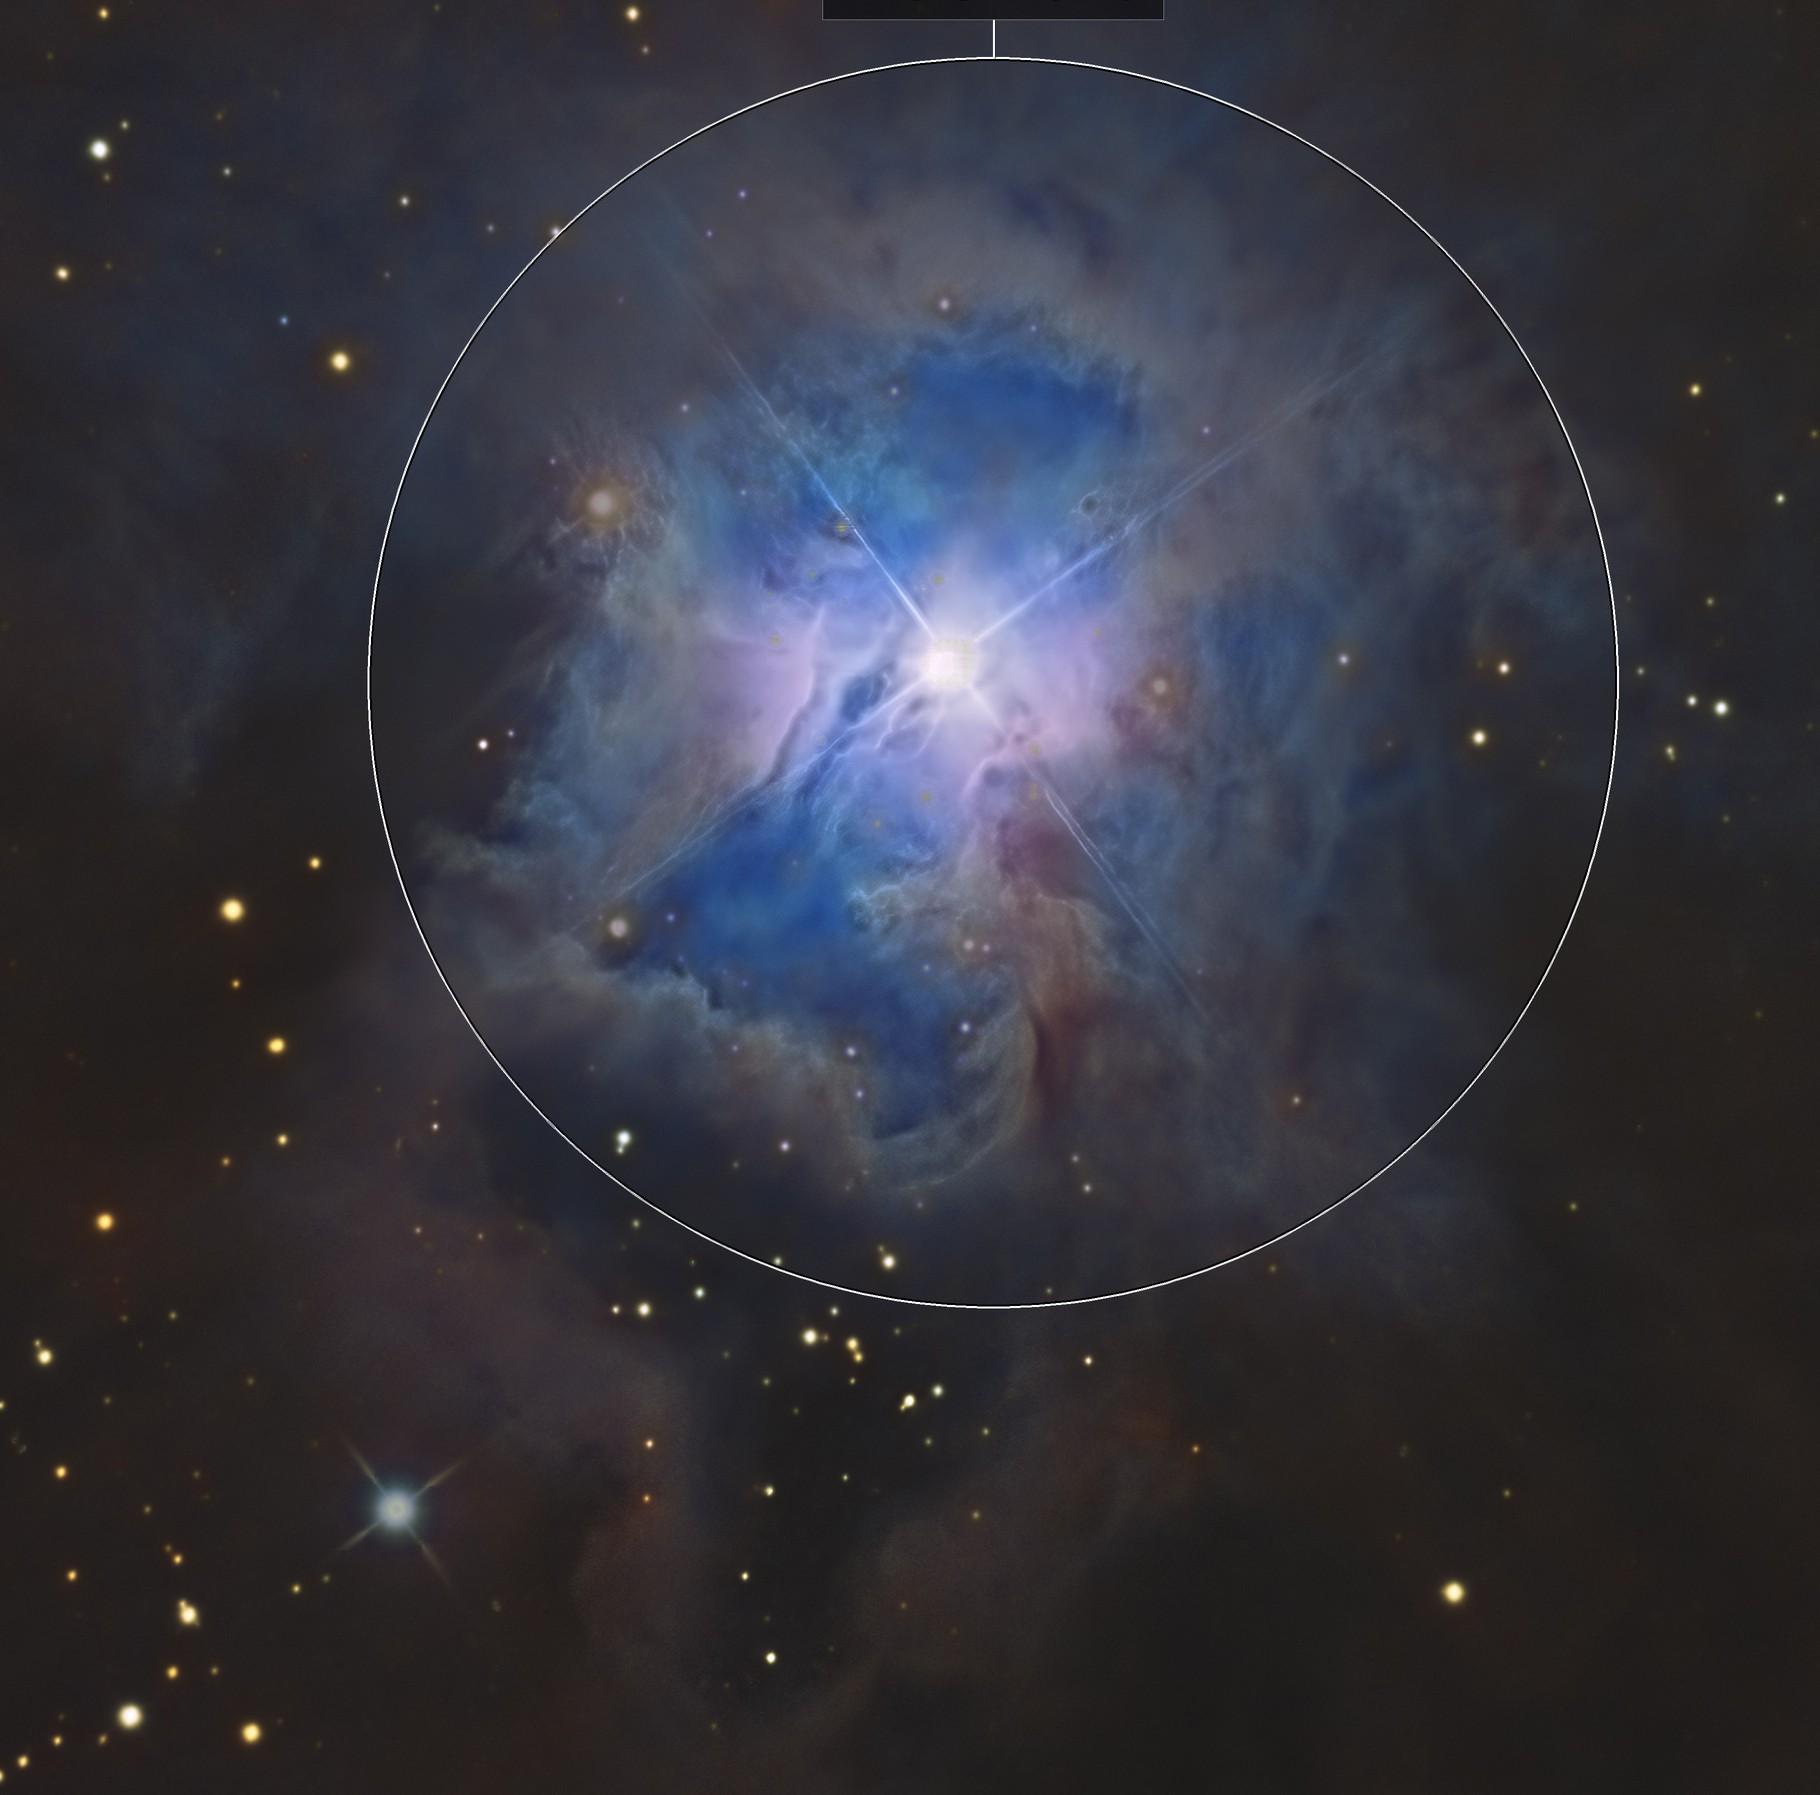 The Core of the Iris Nebula